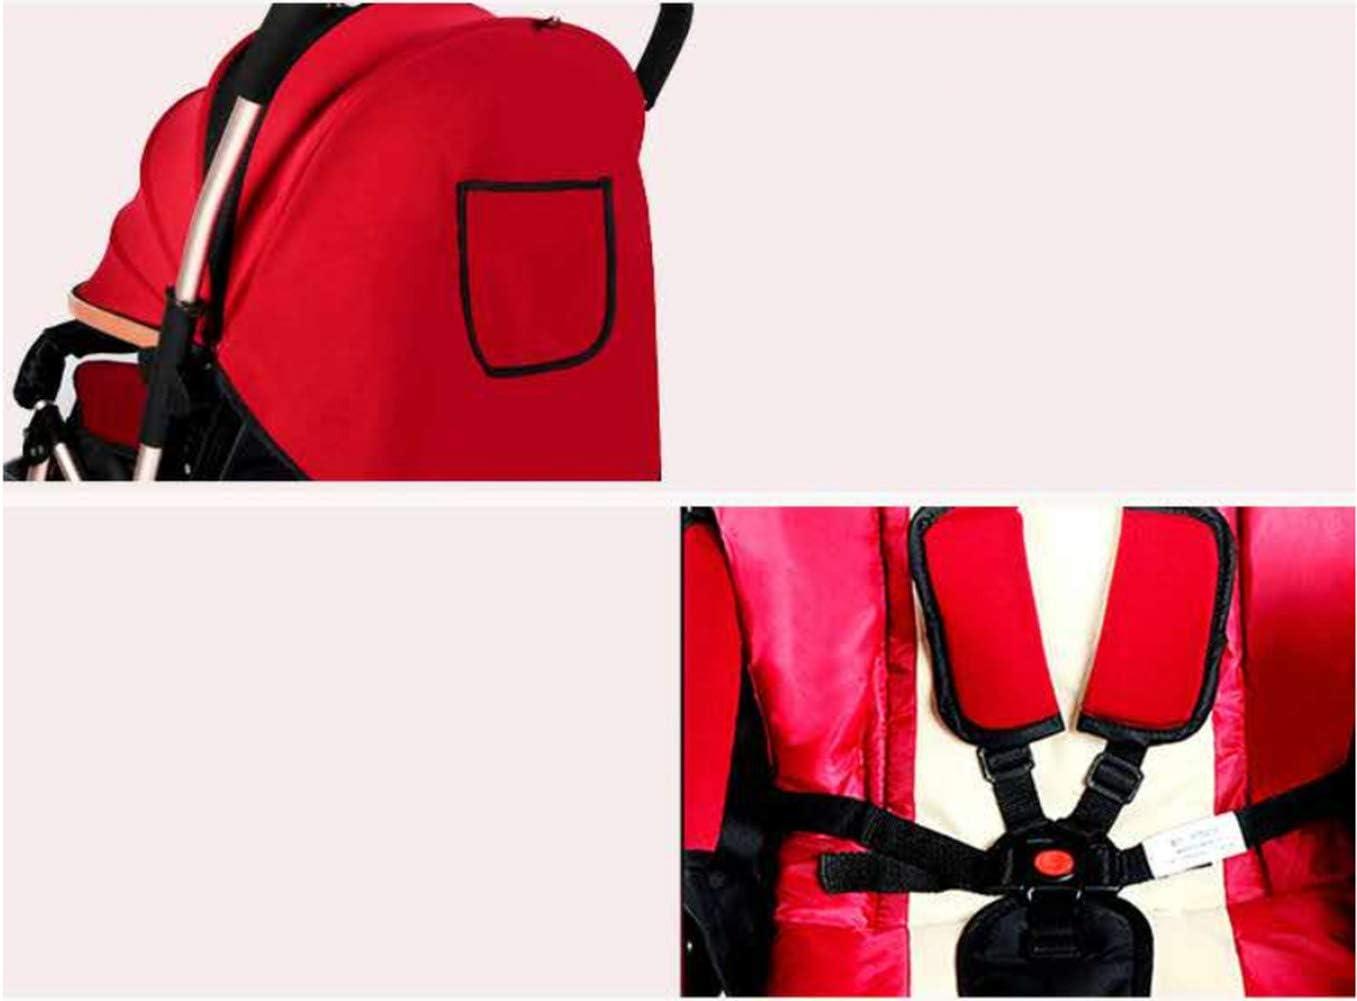 LNDD-Klappkinderwagen 4-Rad-Kinderwagen Multifunktions Tragbare Sto/ßstange Sto/ßstange Einkaufskorb 5-Punkt-Sicherheitsgurt Verstellbare R/ückenlehne Sto/ßd/ämpfung Design